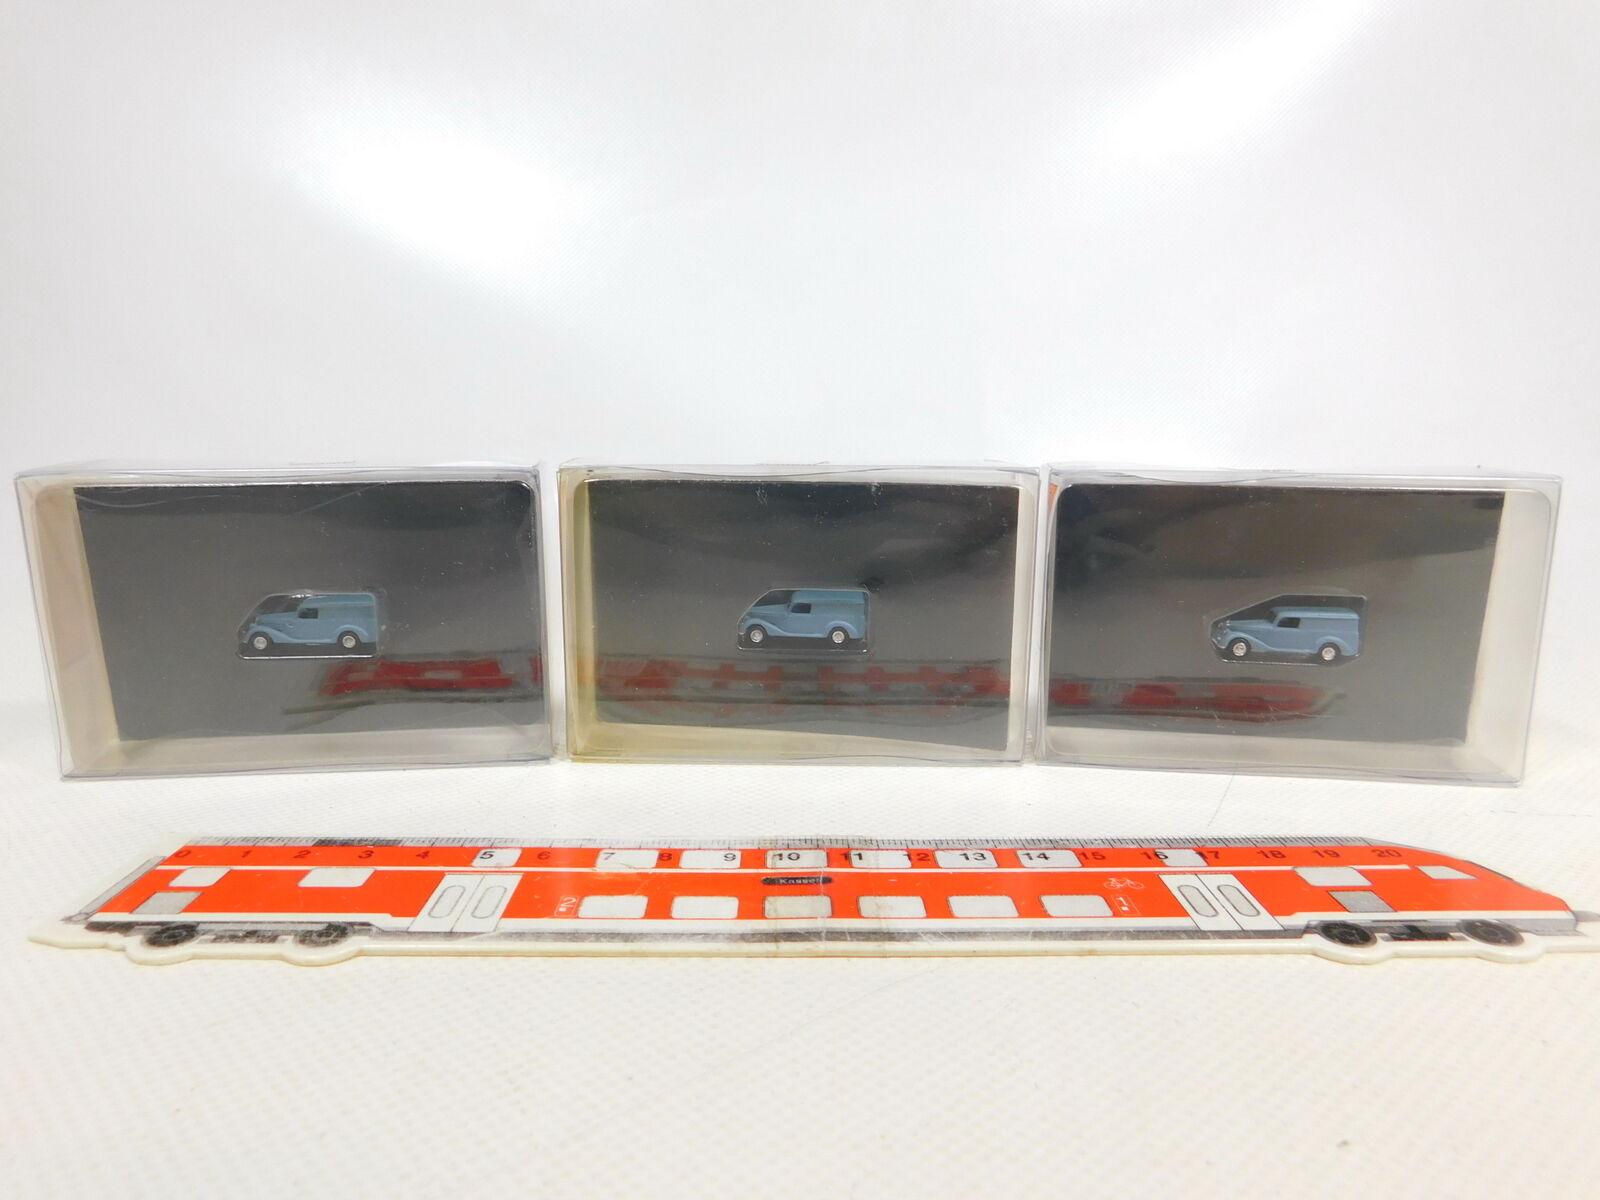 la migliore moda Cd258-0, Cd258-0, Cd258-0, 5  3x MZZ traccia n 1 160 f120b CASSETTA-AUTO Mercedes MB 170, Neuw + OVP  distribuzione globale